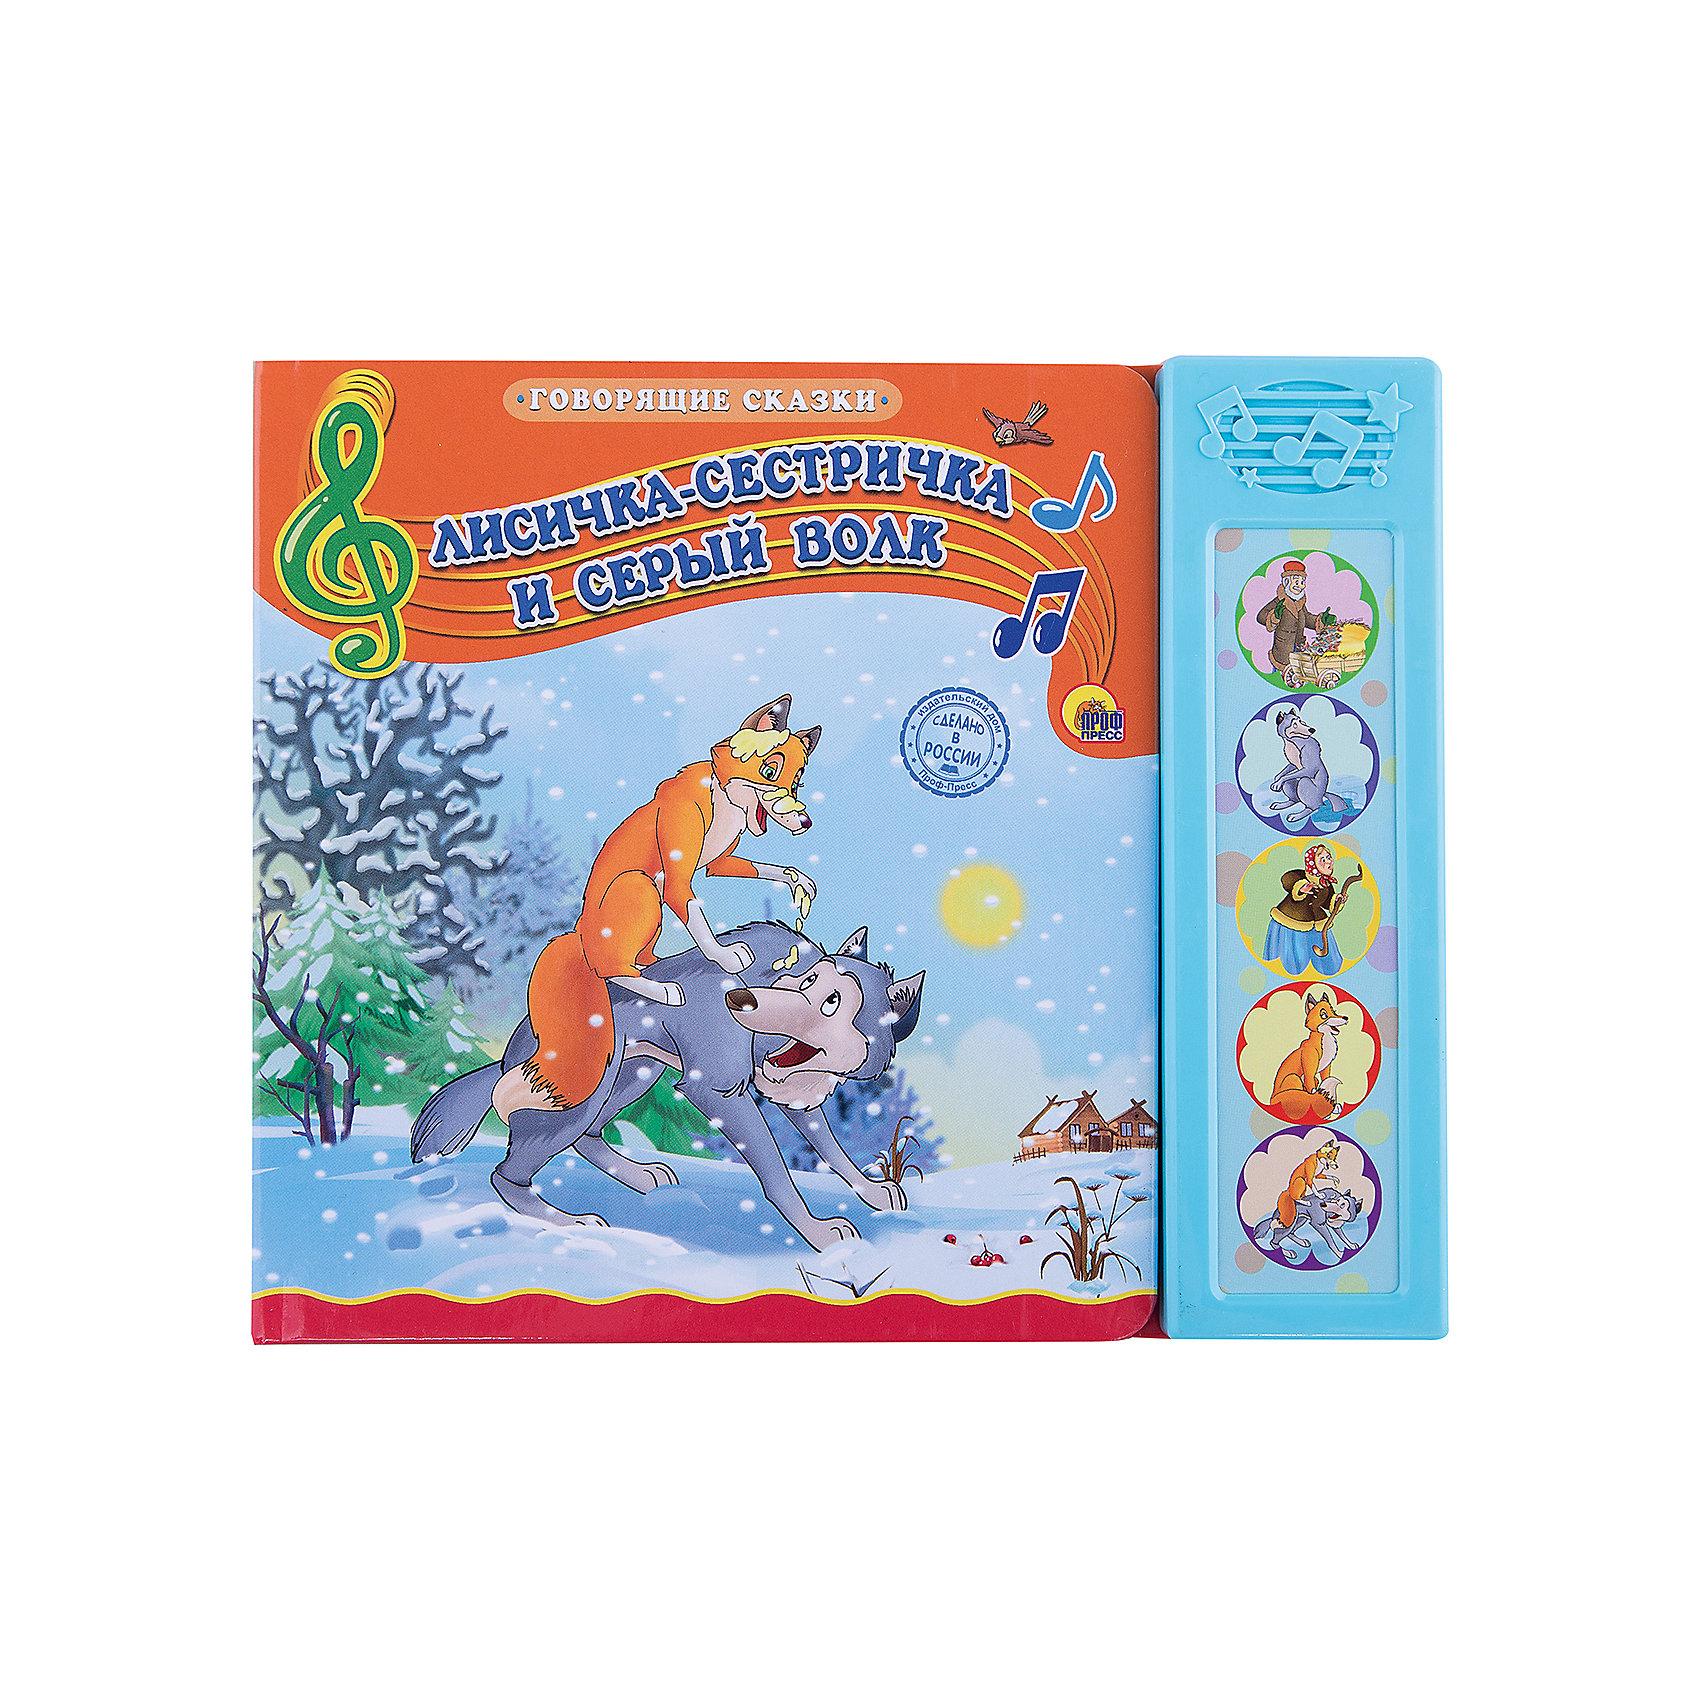 Лисичка-сестричка и серый волк, Говорящие сказкиЭта серия книг собрала сказки, проверенные многими поколениями, которые понравятся и современным детям. Книги - это лучший подарок не только взрослым, они помогают детям познавать мир и учиться читать, также книги позволяют ребенку весело проводить время. Они также стимулируют развитие воображения, логики и творческого мышления.<br>Это издание сделано специально для самых маленьких - с плотными страничками и пятью кнопками со звуковым модулем, нажав на них, ребенок услышит сказку. Яркие картинки обязательно понравятся малышам! Книга сделана из качественных и безопасных для детей материалов.<br>  <br>Дополнительная информация:<br><br>страниц: 10; <br>размер: 19х22 см;<br>вес: 254 г.<br><br>Книгу с 5 кнопками Говорящие сказки. Лисичка-сестричка и серый волк от издательства Проф-Пресс можно купить в нашем магазине.<br><br>Ширина мм: 190<br>Глубина мм: 15<br>Высота мм: 220<br>Вес г: 254<br>Возраст от месяцев: 0<br>Возраст до месяцев: 60<br>Пол: Унисекс<br>Возраст: Детский<br>SKU: 4787269